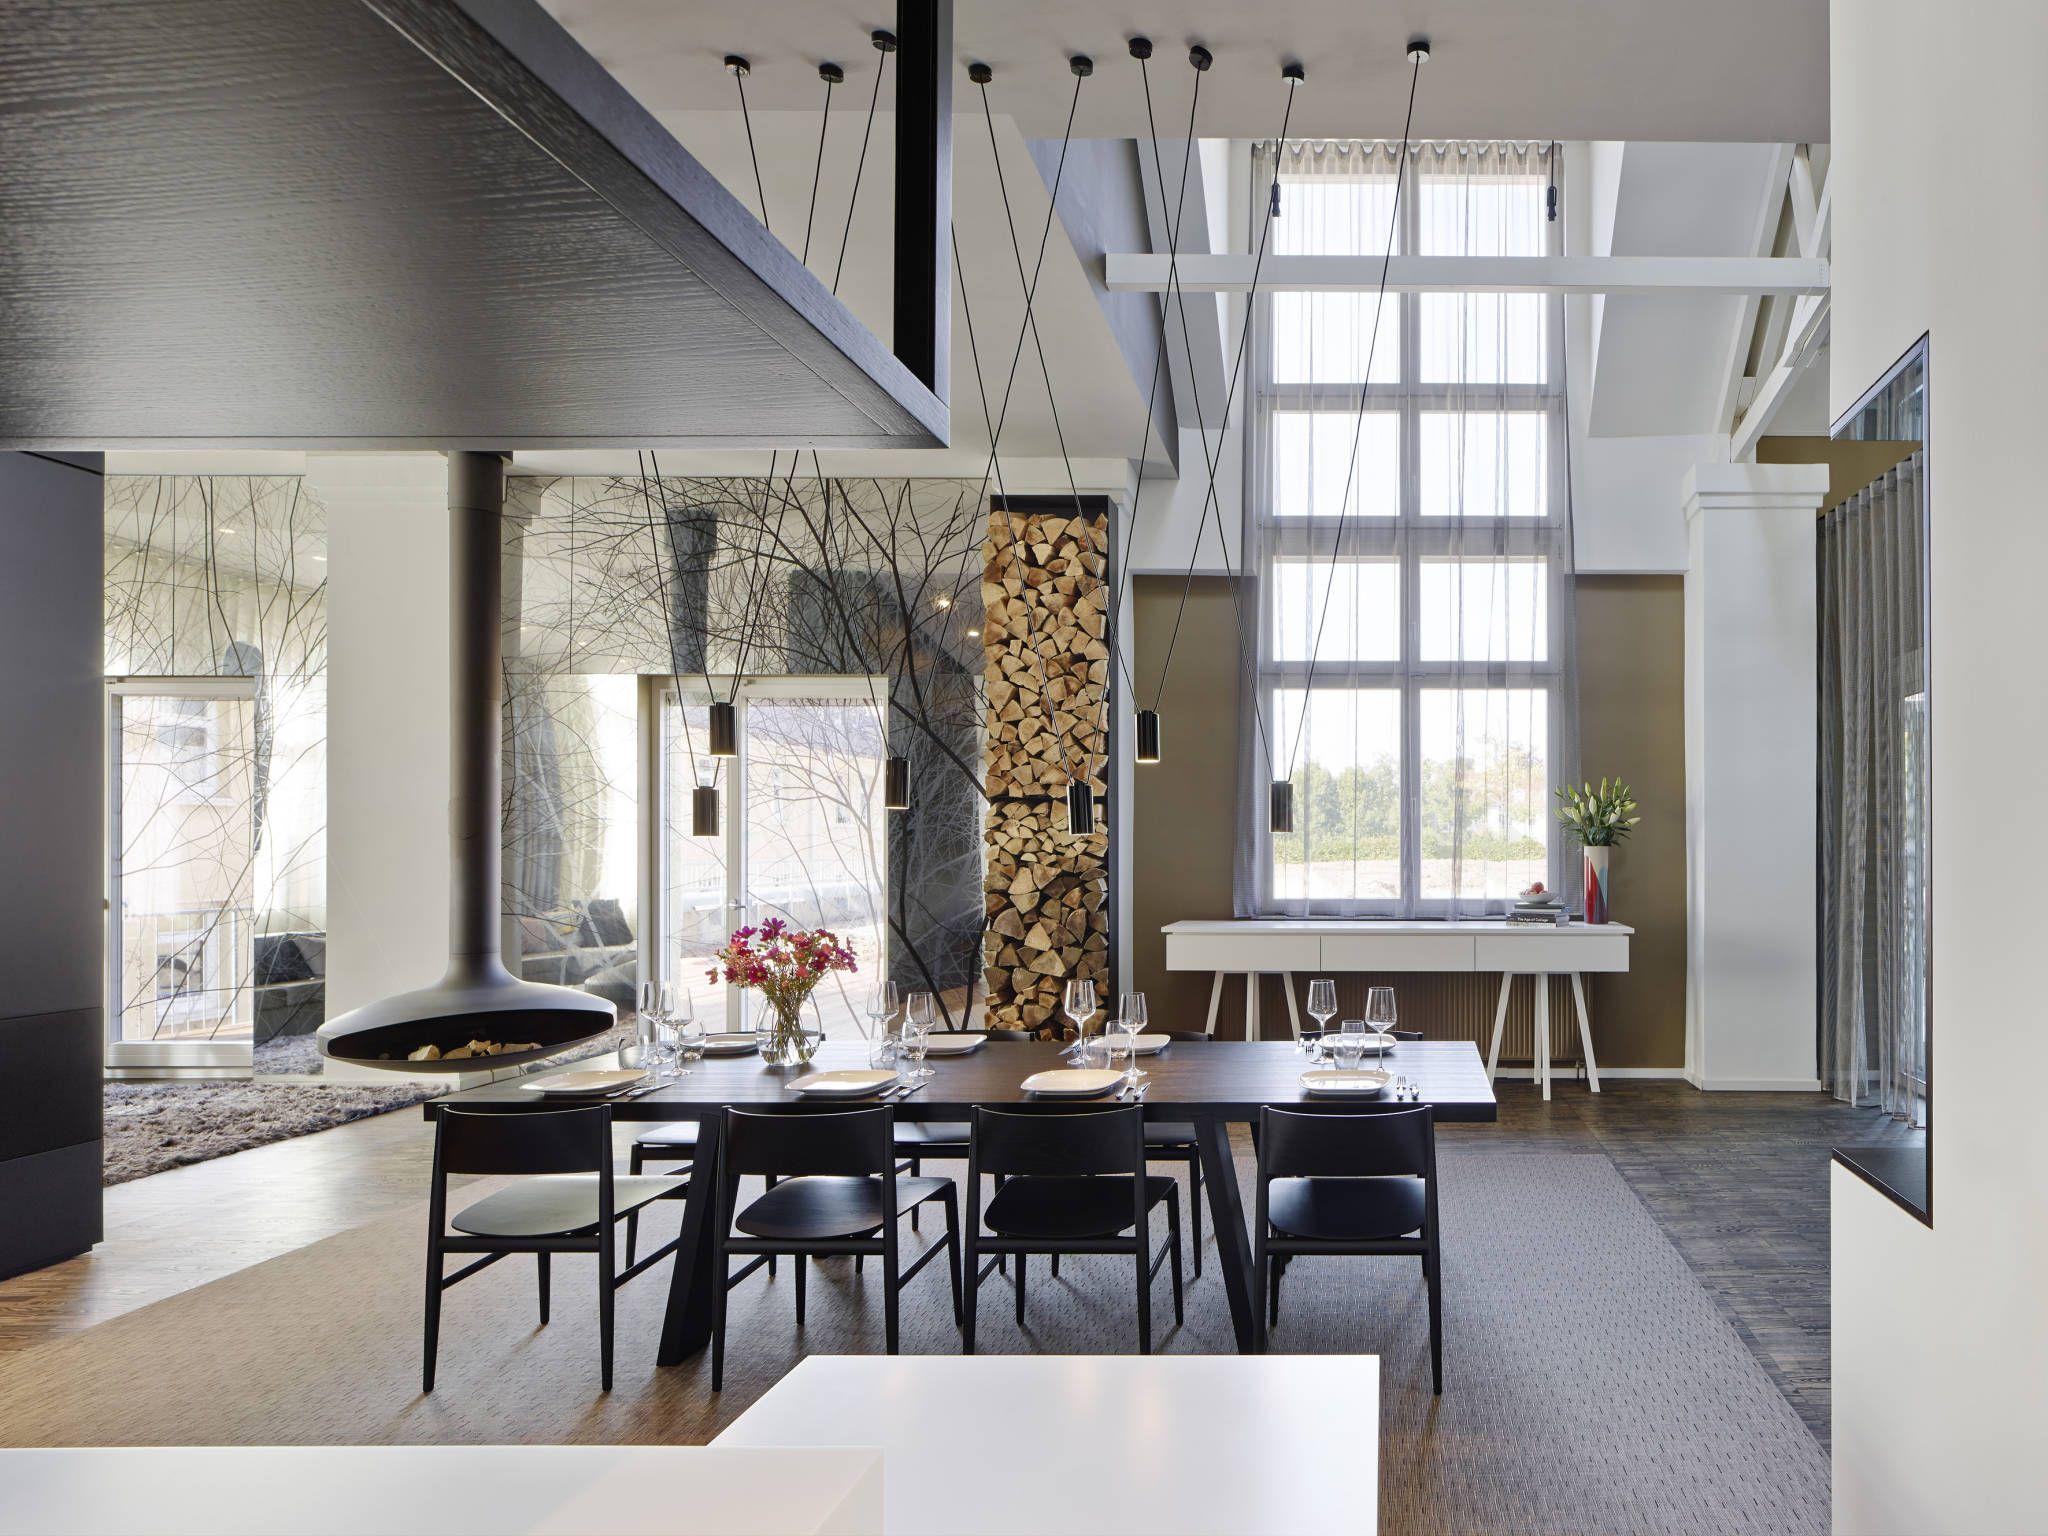 Loft ESN: Modern Esszimmer Von Ippolito Fleitz Group U2013 Identity Architects